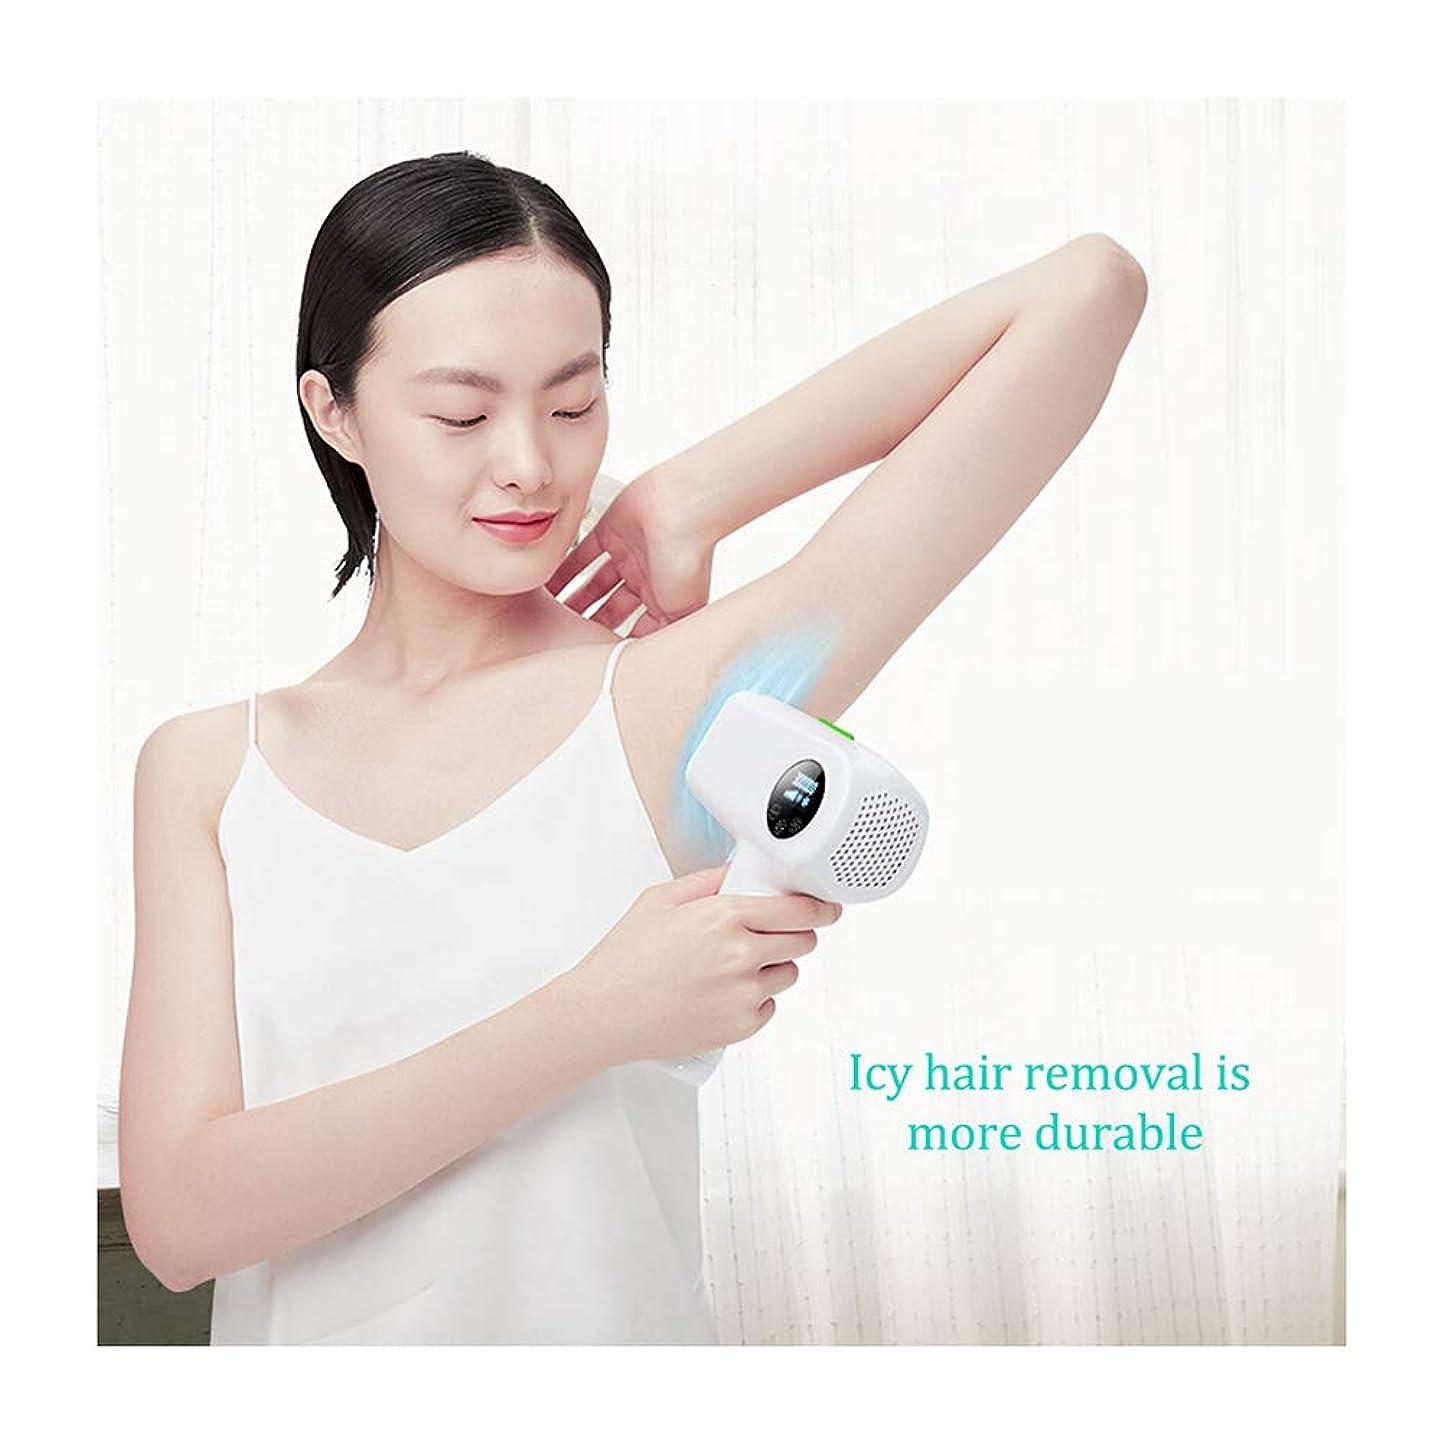 暖炉感じるブレース女性のためのIPLの毛の取り外し装置IPLの毛の除去剤、家の使用IPLレーザーの毛の取り外し、痛みのない永久的なレーザーの毛の取り外し機械、顔のボディビキニラインUnderarms- 300000のための改善IPLの毛の取り外し